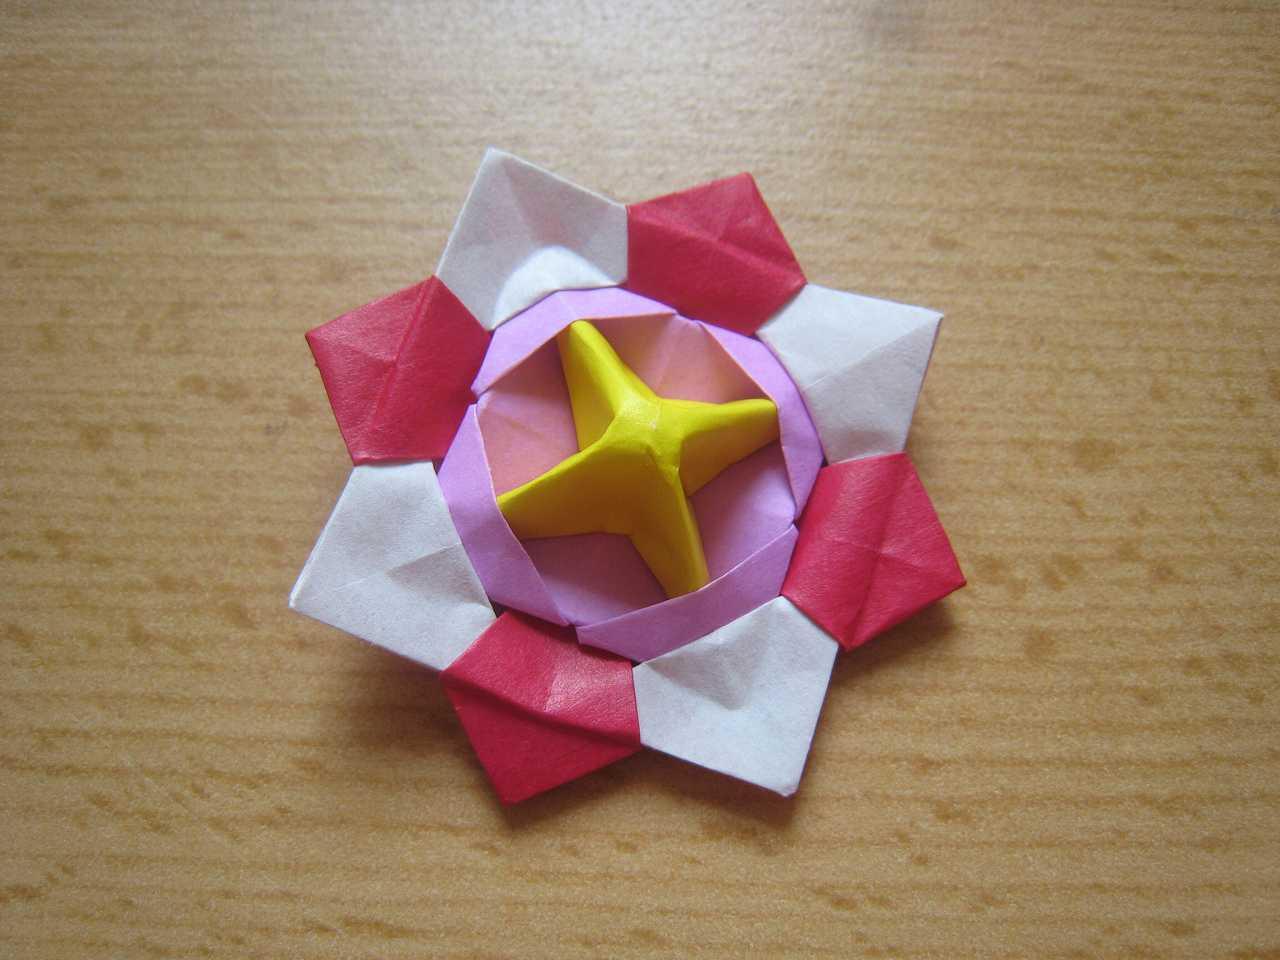 すべての折り紙 折り紙 マジックボール 折り方 : 折り紙でチャリティー活動 ...